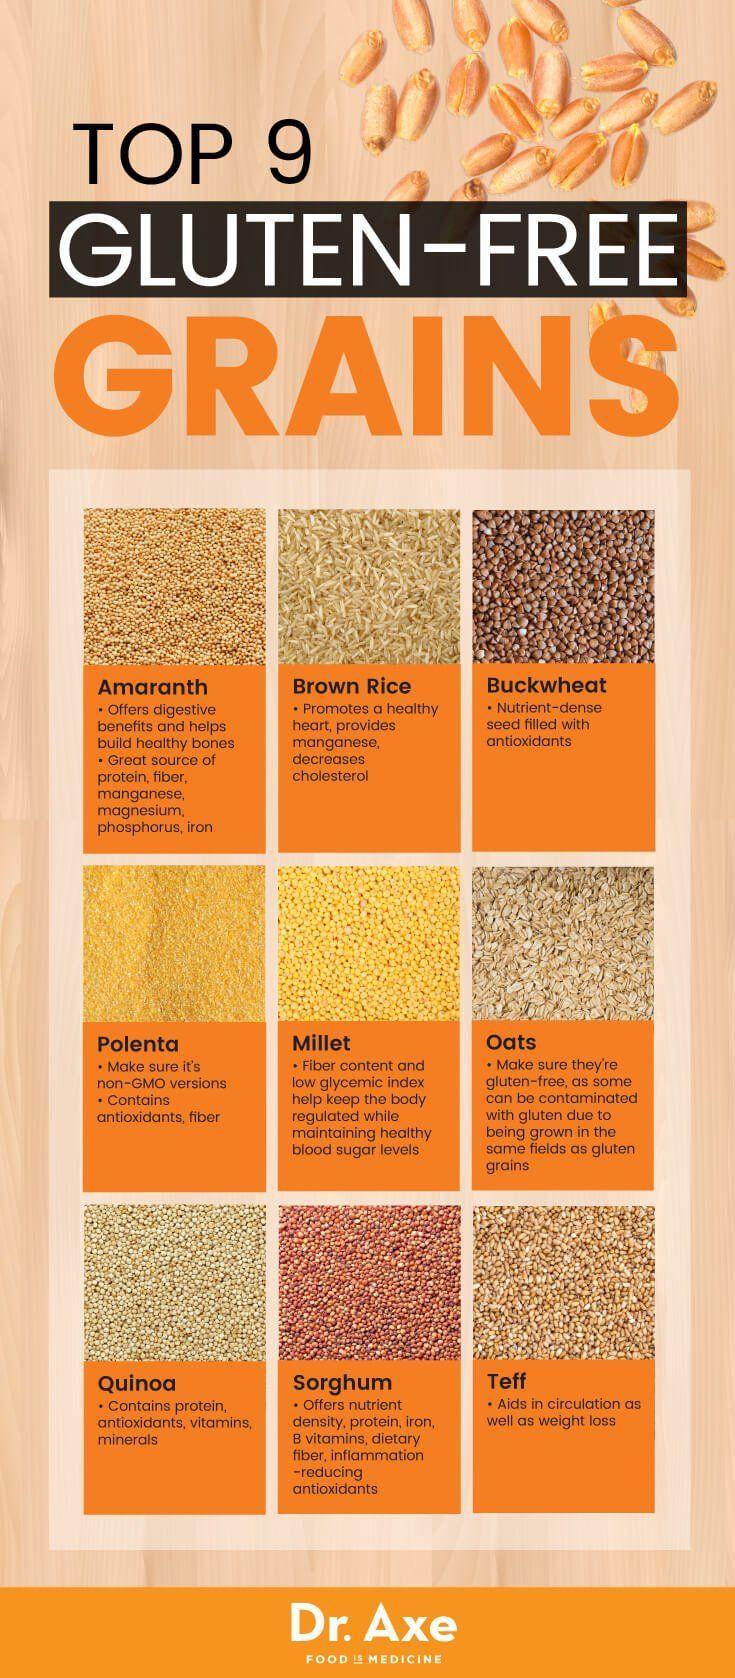 Top 9 Gluten-Free Grains #glutenfree